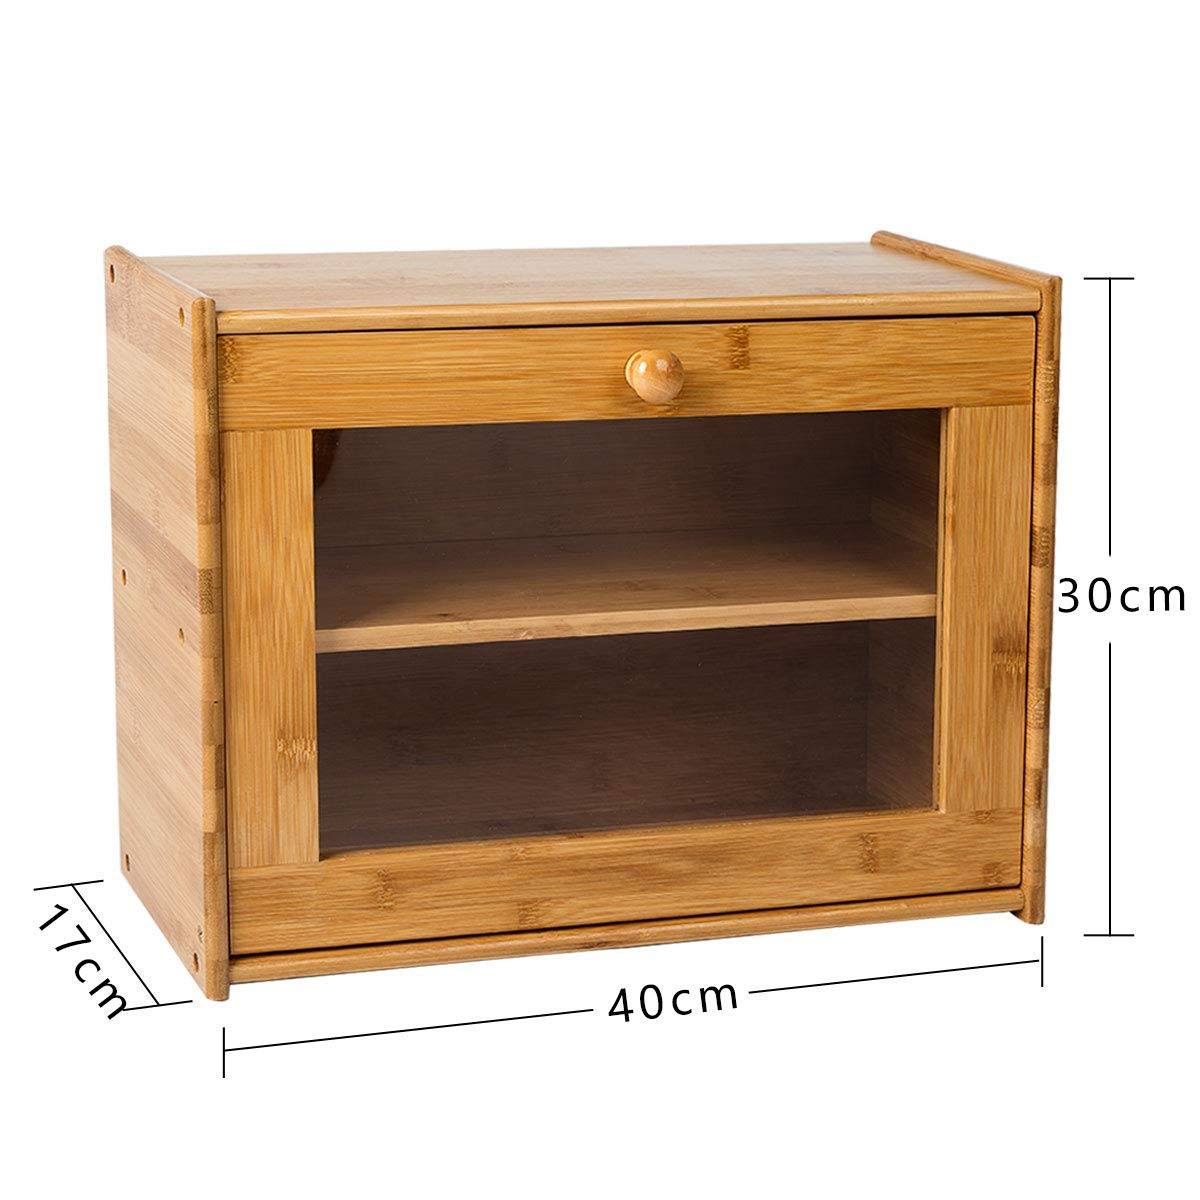 panera de almacenamiento para cocina con ventana transparente Panera de bamb/ú de 2 capas para pan estilo retro 40 x 30 x 17 cm panera